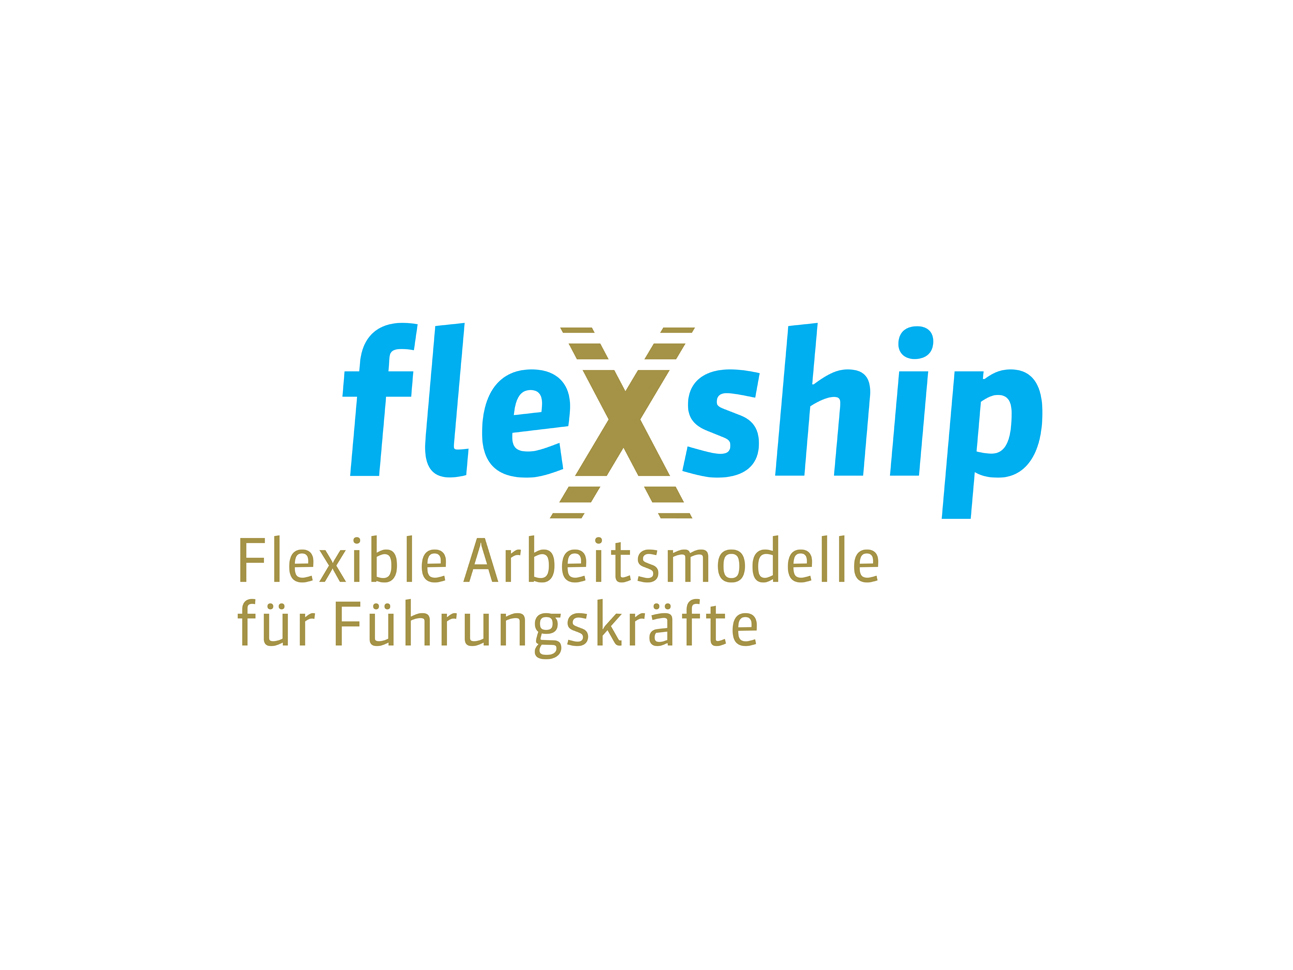 martin_zech_design_projekt_design_flexship_logo